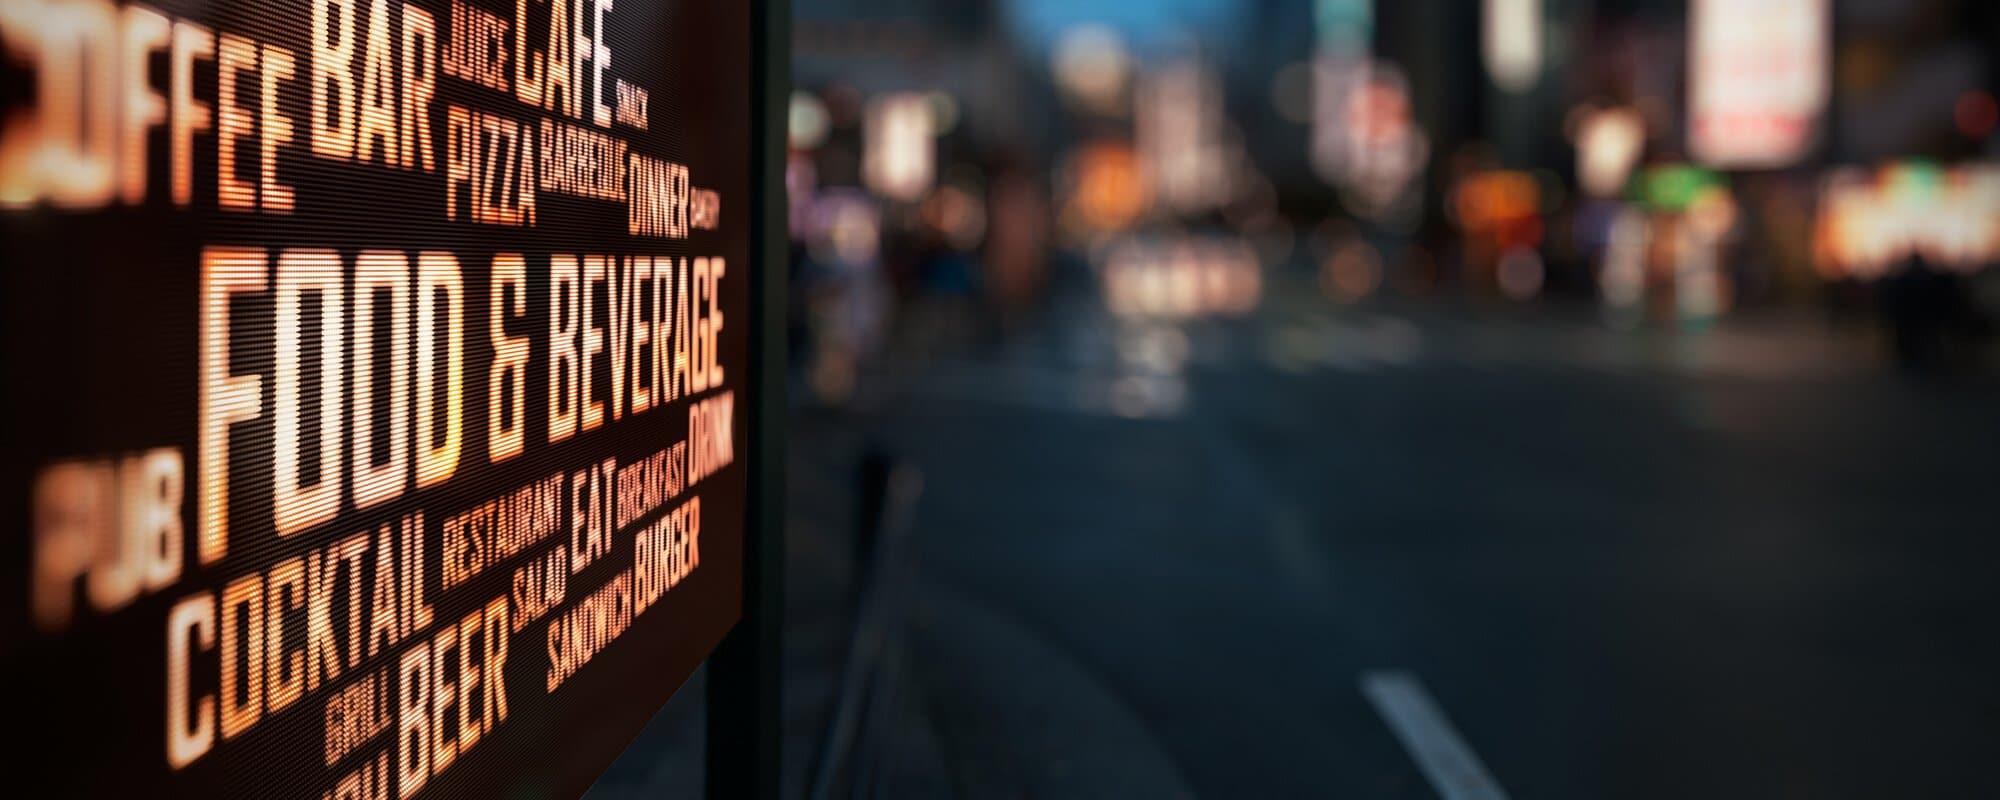 Basta skyltar av skyltföretag | FocusNeo